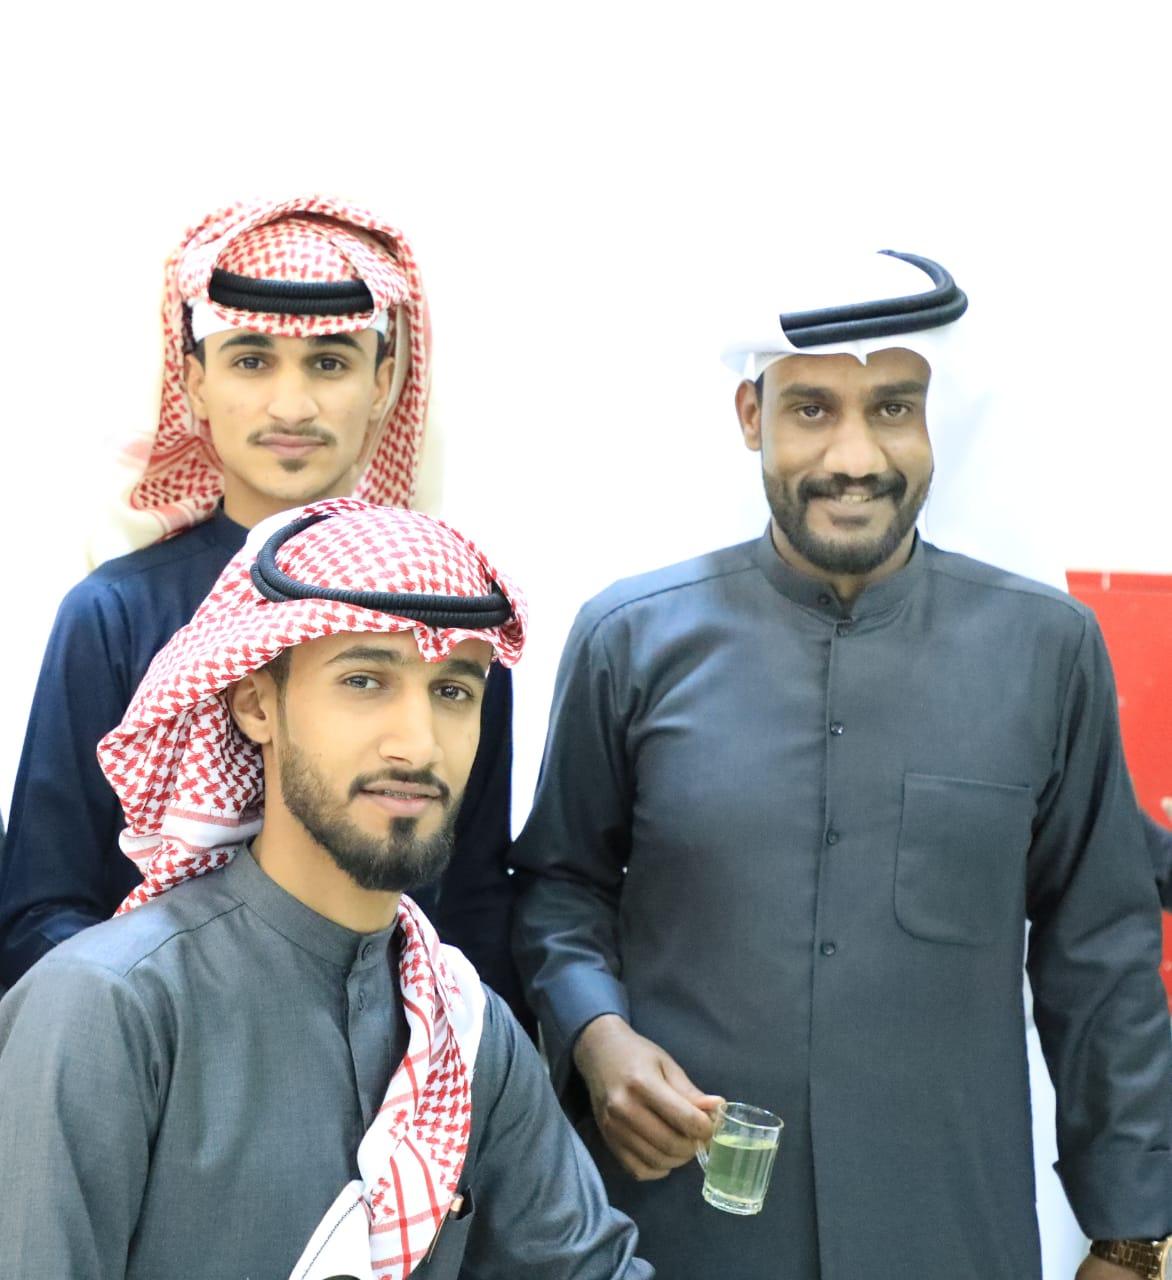 تغطية زواج / محمد سعد الحمري البلوي a2f86612 344d 432b a142 fdbb86068f31